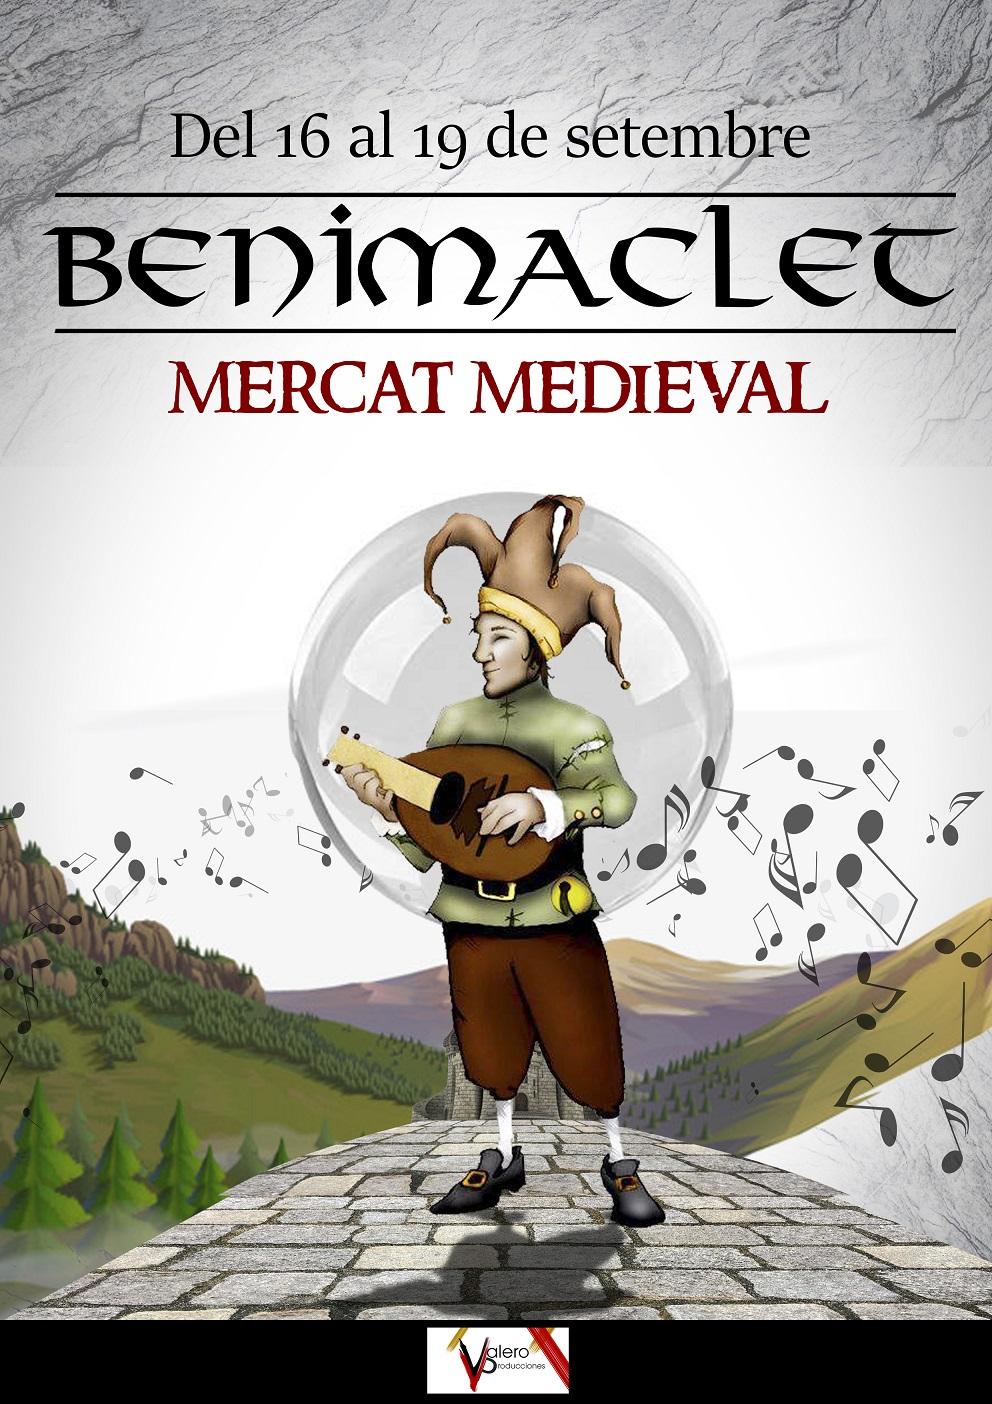 Mercado medieval en Benimaclet del 16 al 19 de septiembre de 2021